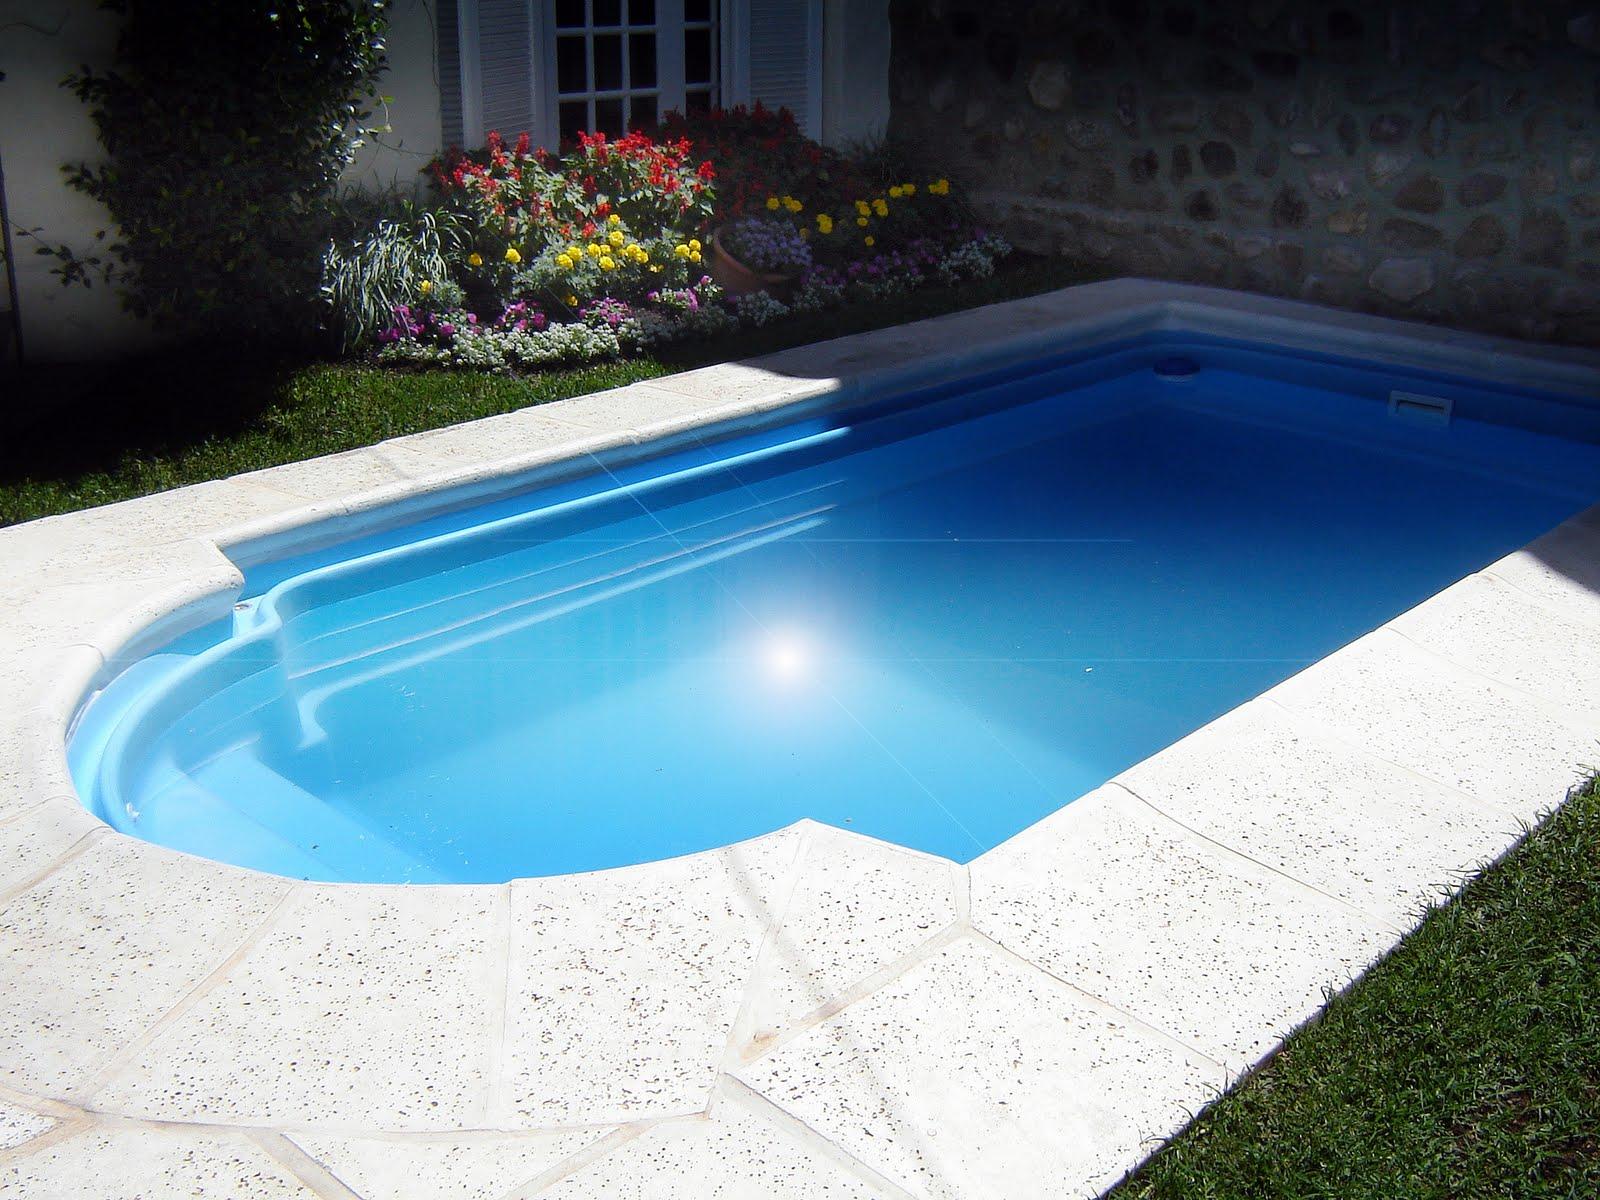 piscinas aqua catamarca tenerife piscina mediana 5